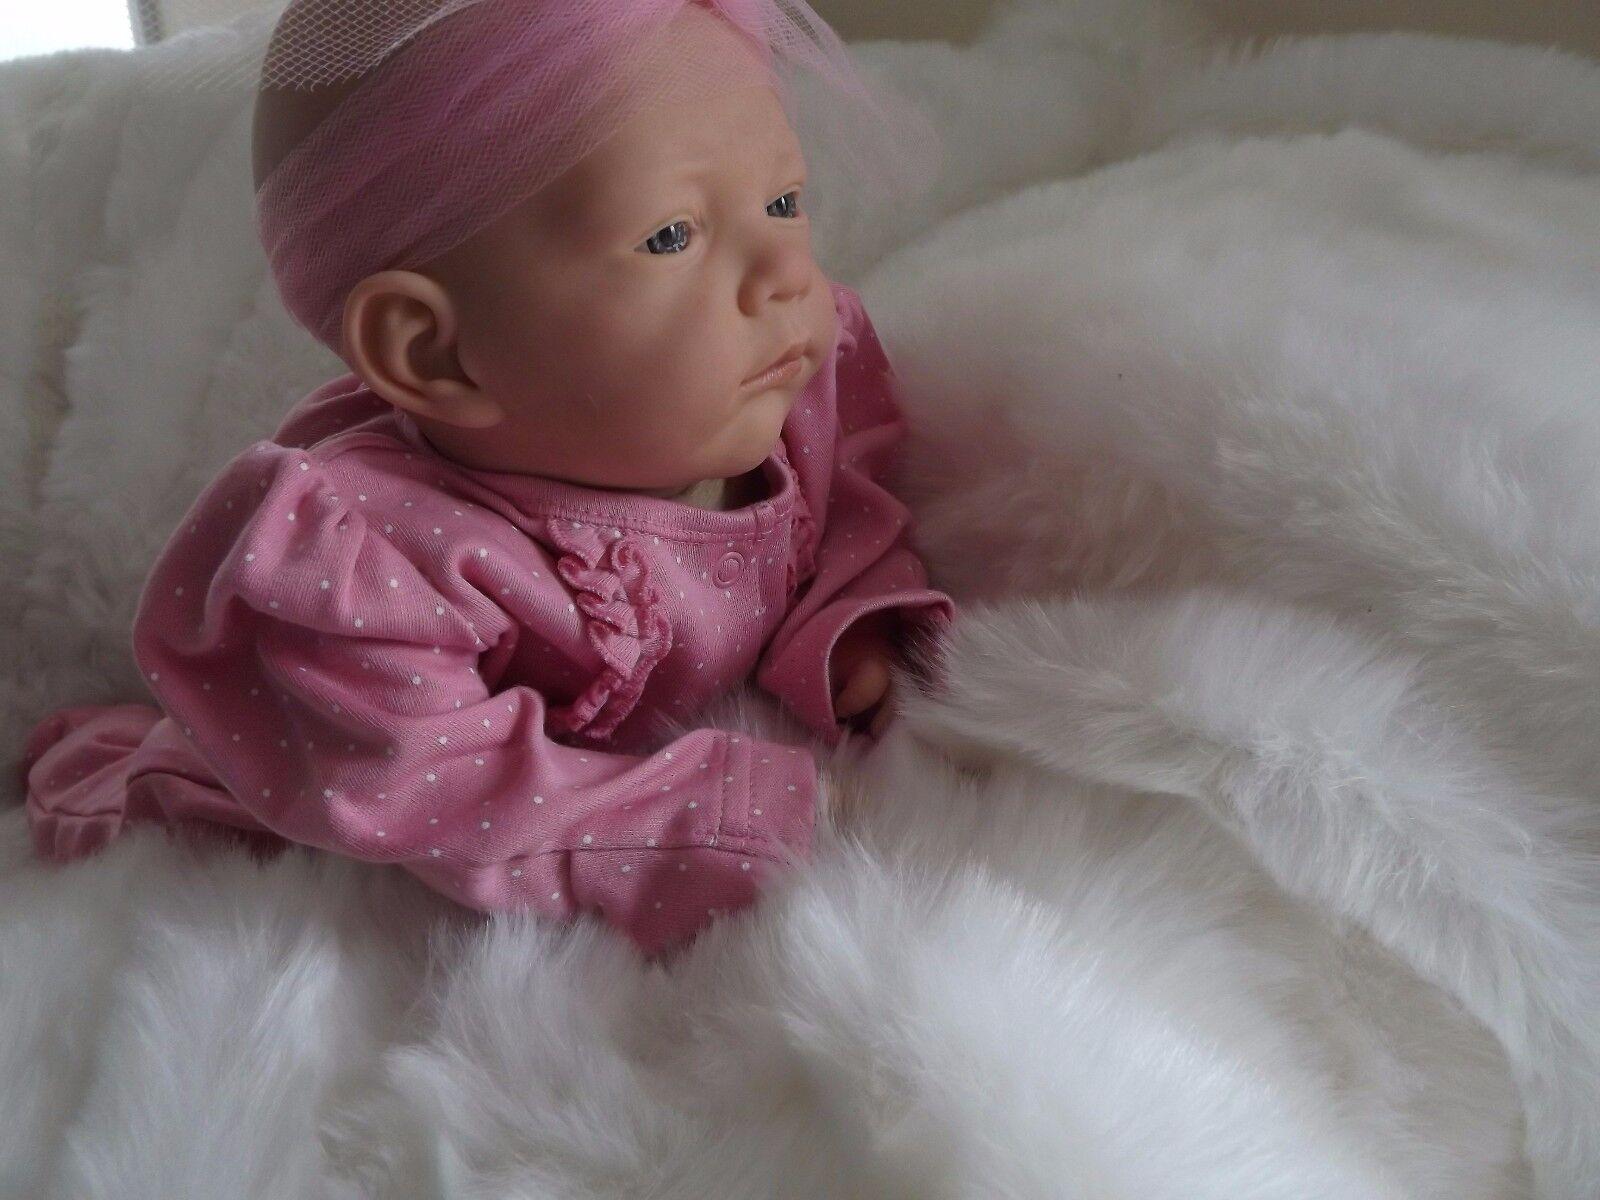 Jane RINATO BABY DOLL maculato Realistico Life Like Bambino Ragazze Compleanno Regalo Di Natale